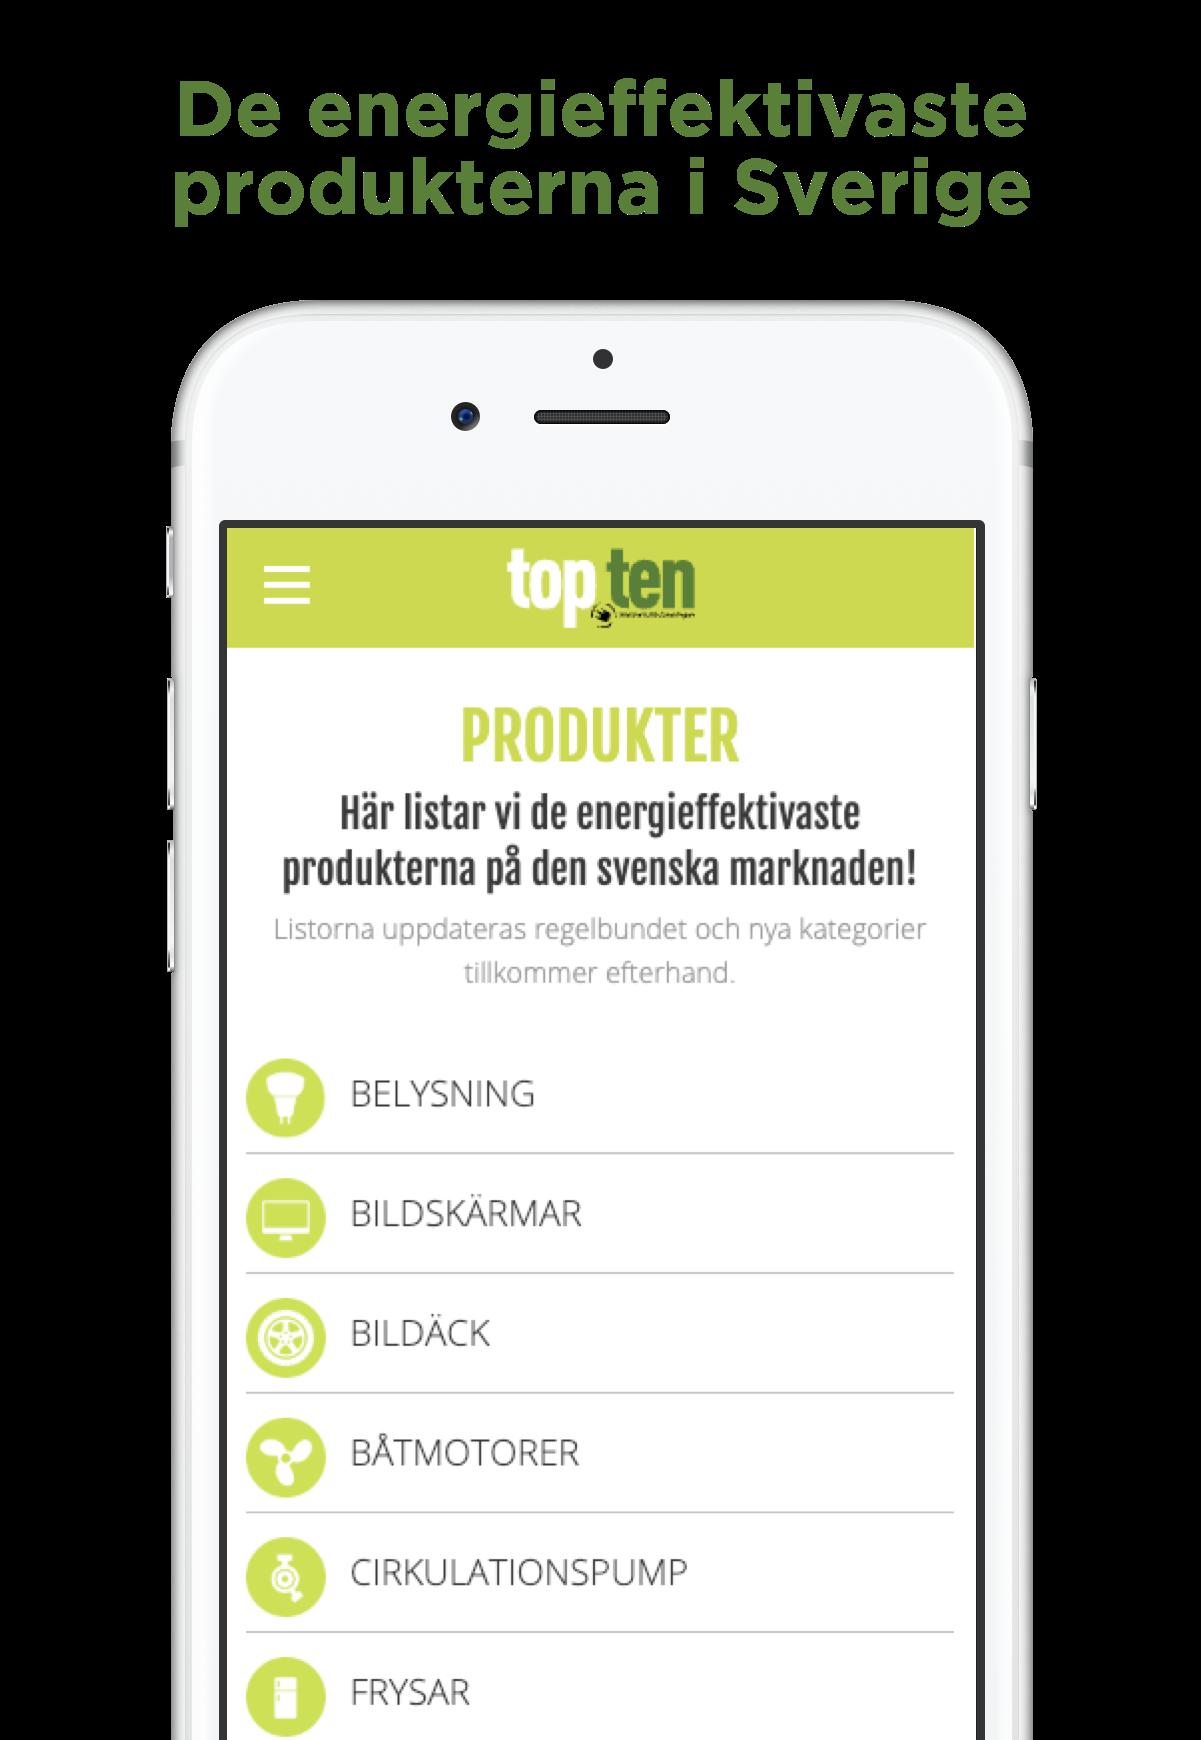 topten-produkter-text